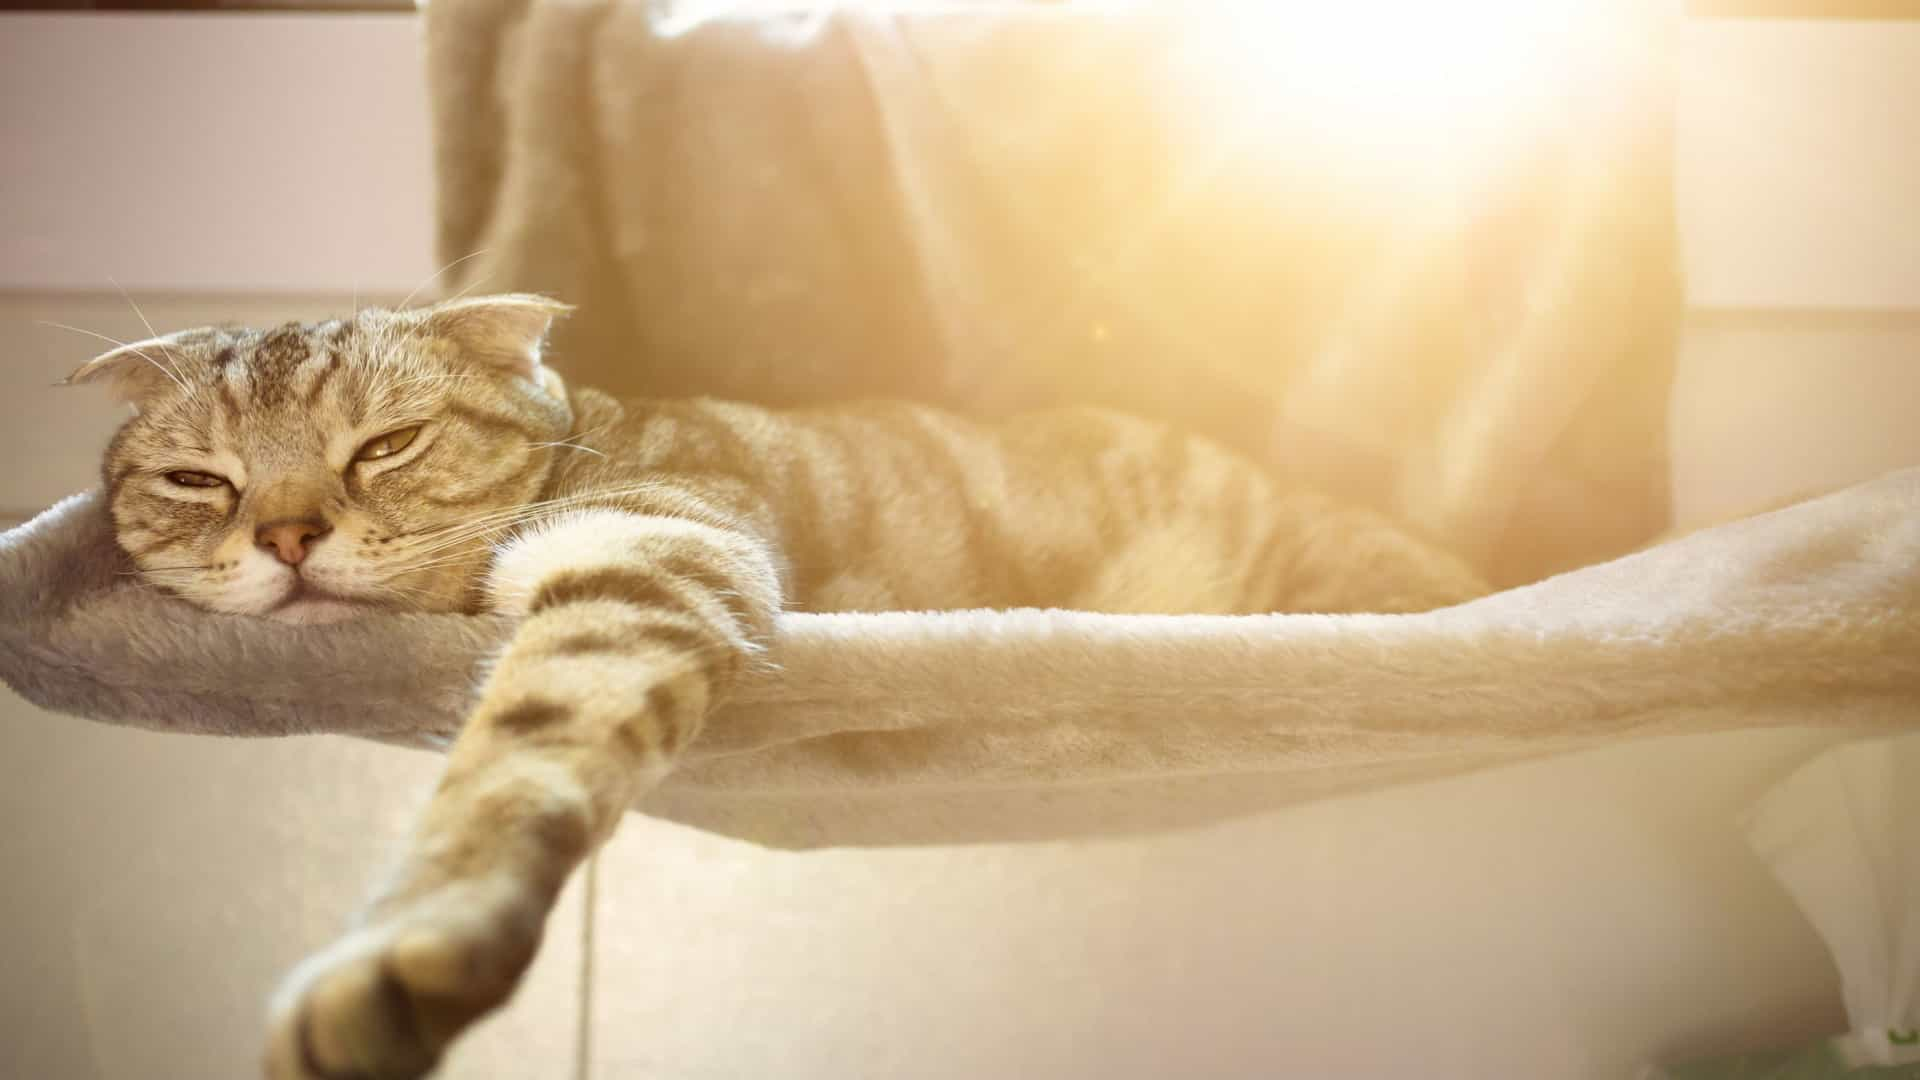 O leitor perguntou: Será que os gatos suam?